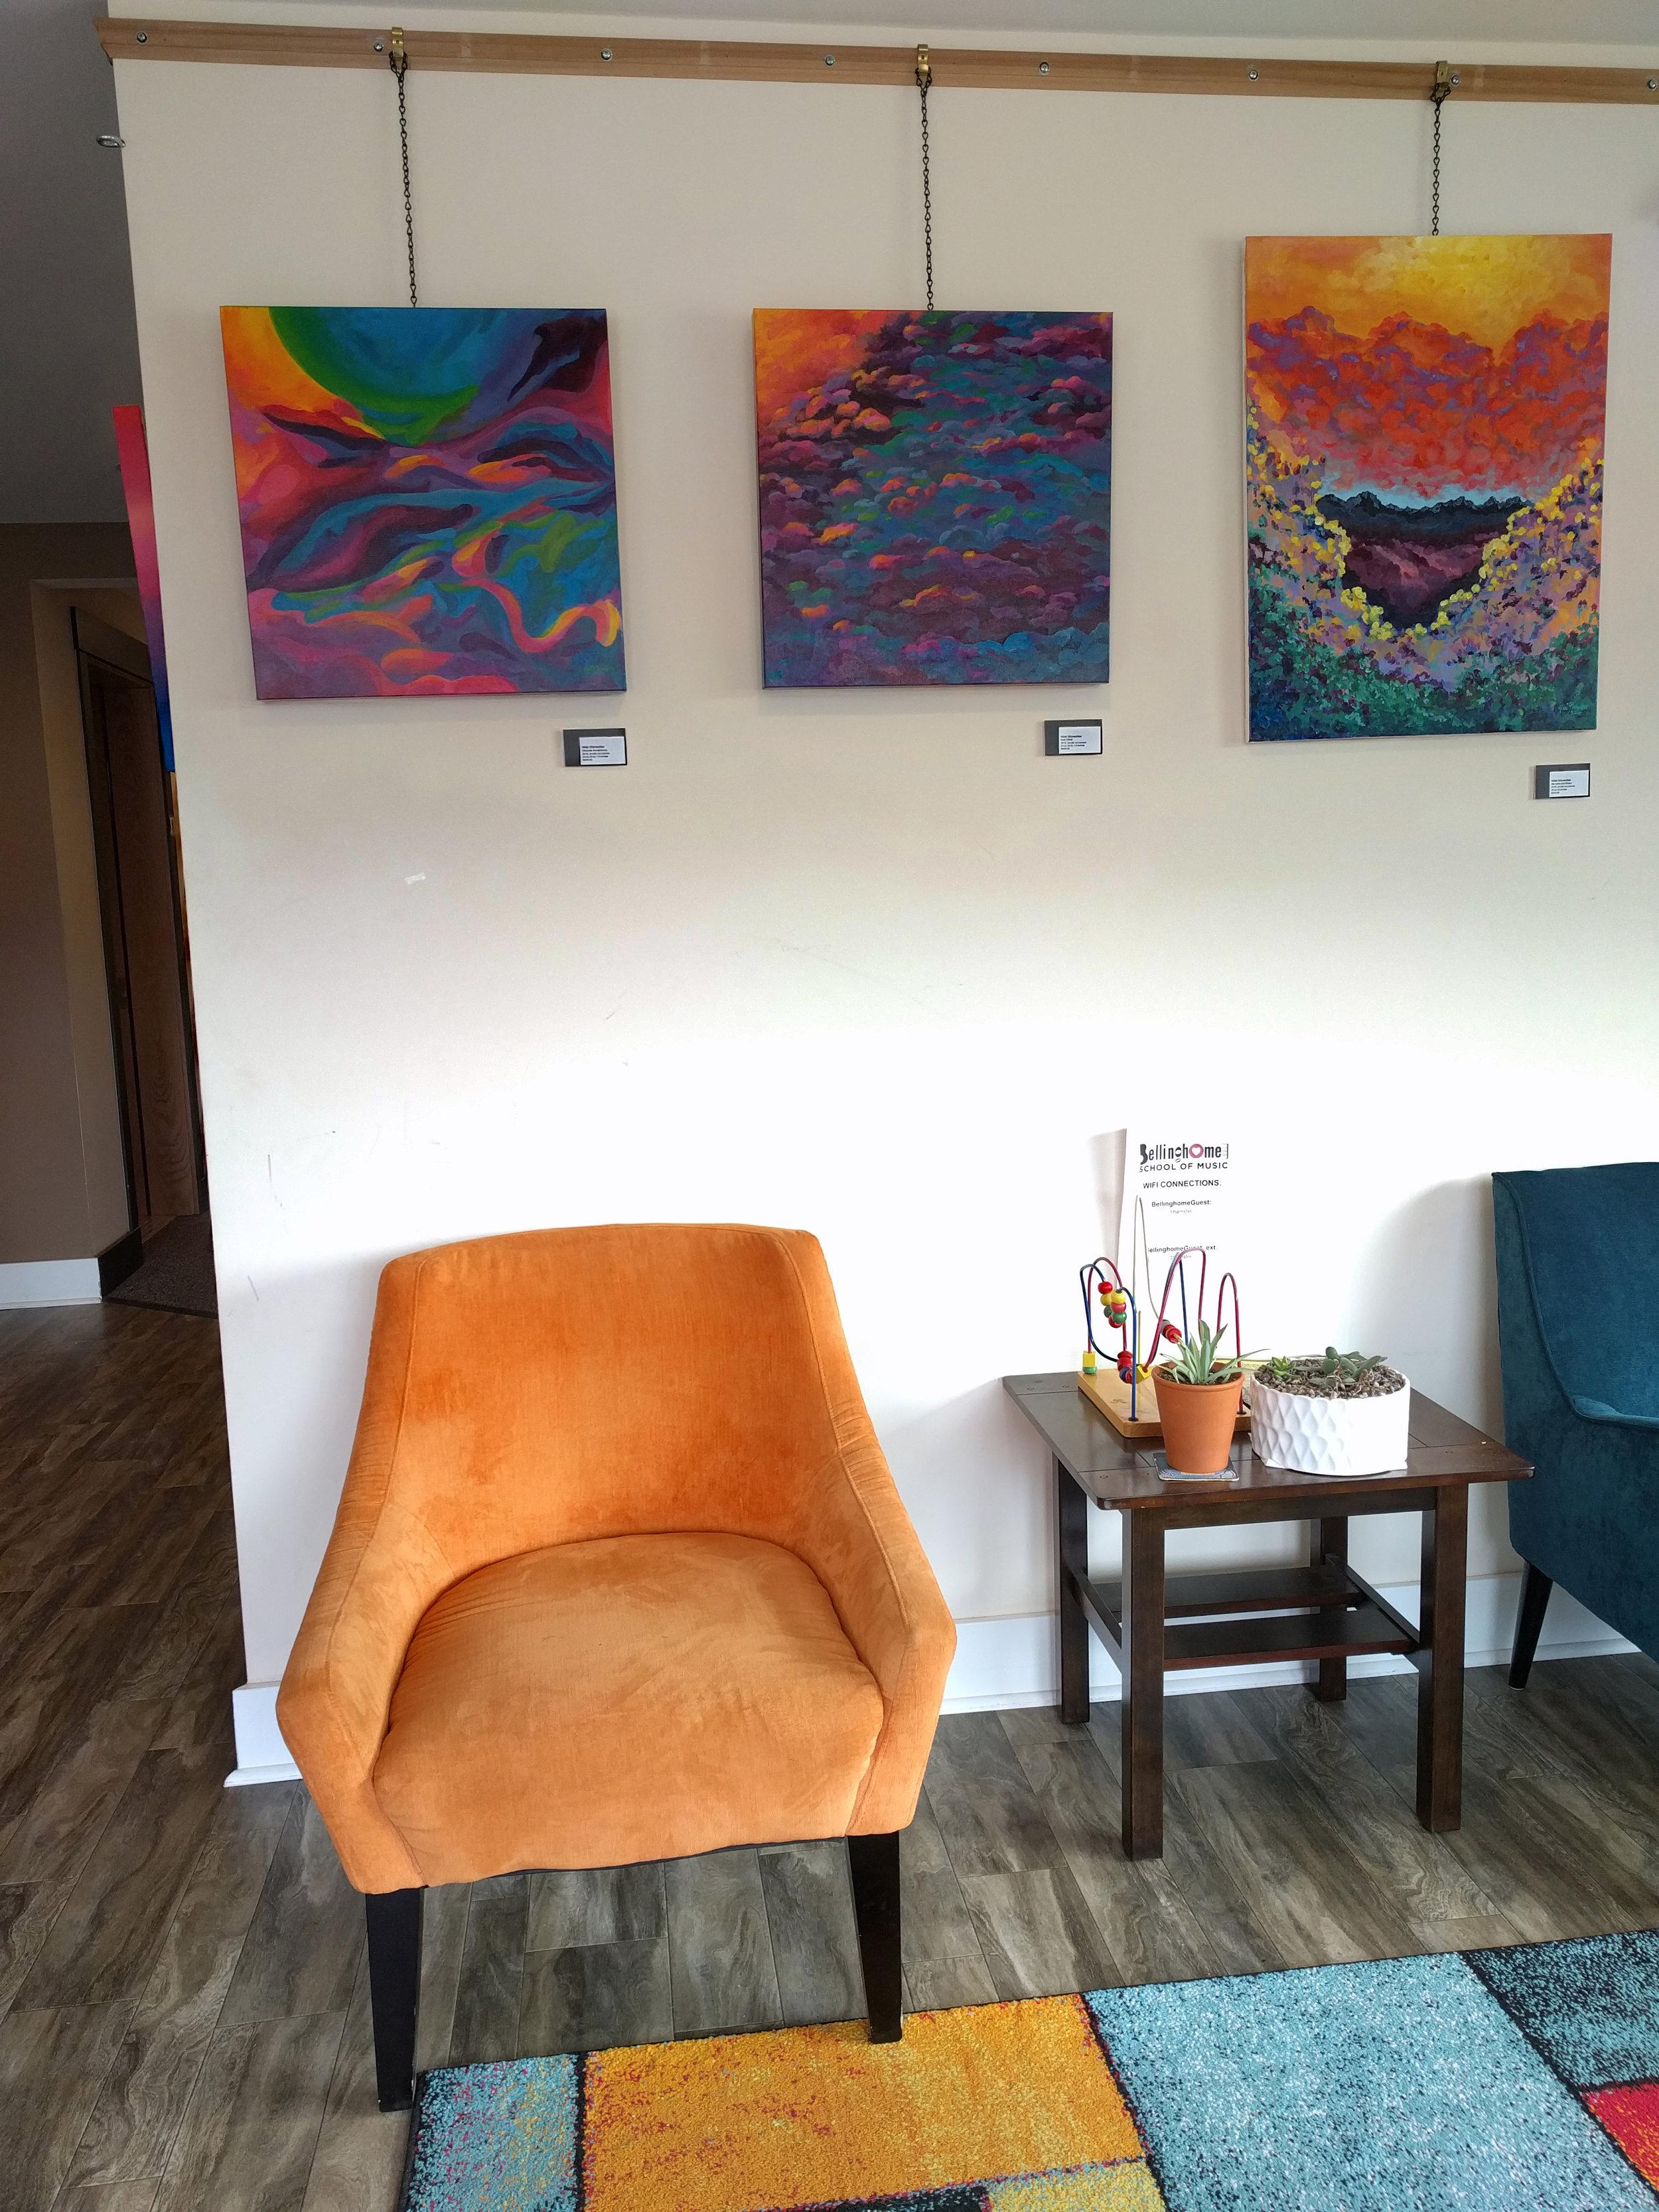 insta-orange chair.jpg